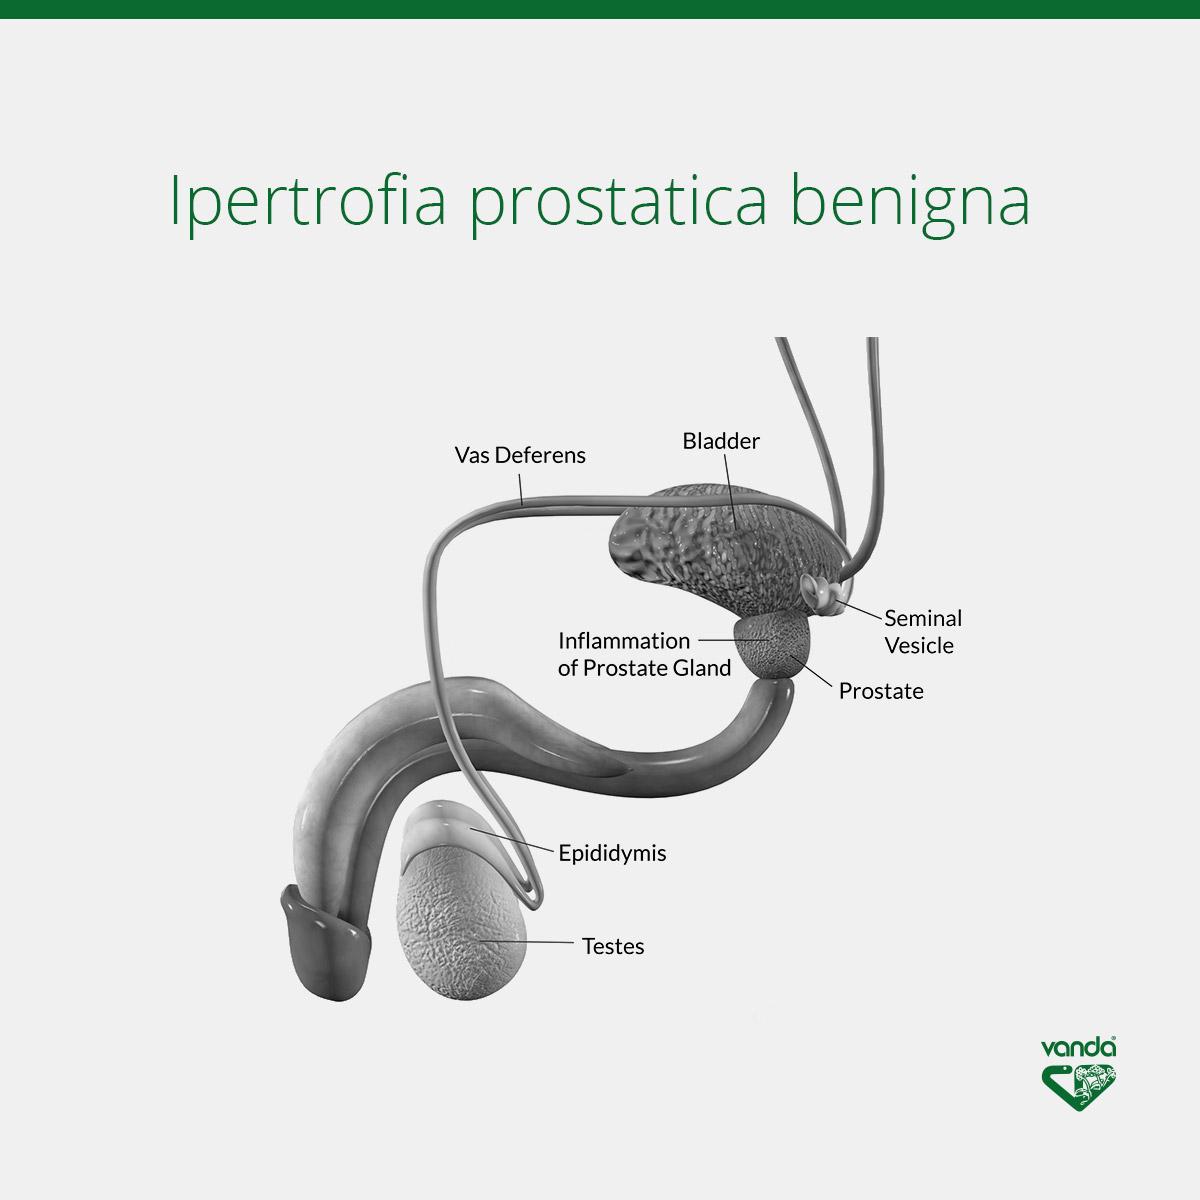 ipertrofia prostatica benigna prostata infiammata infografica